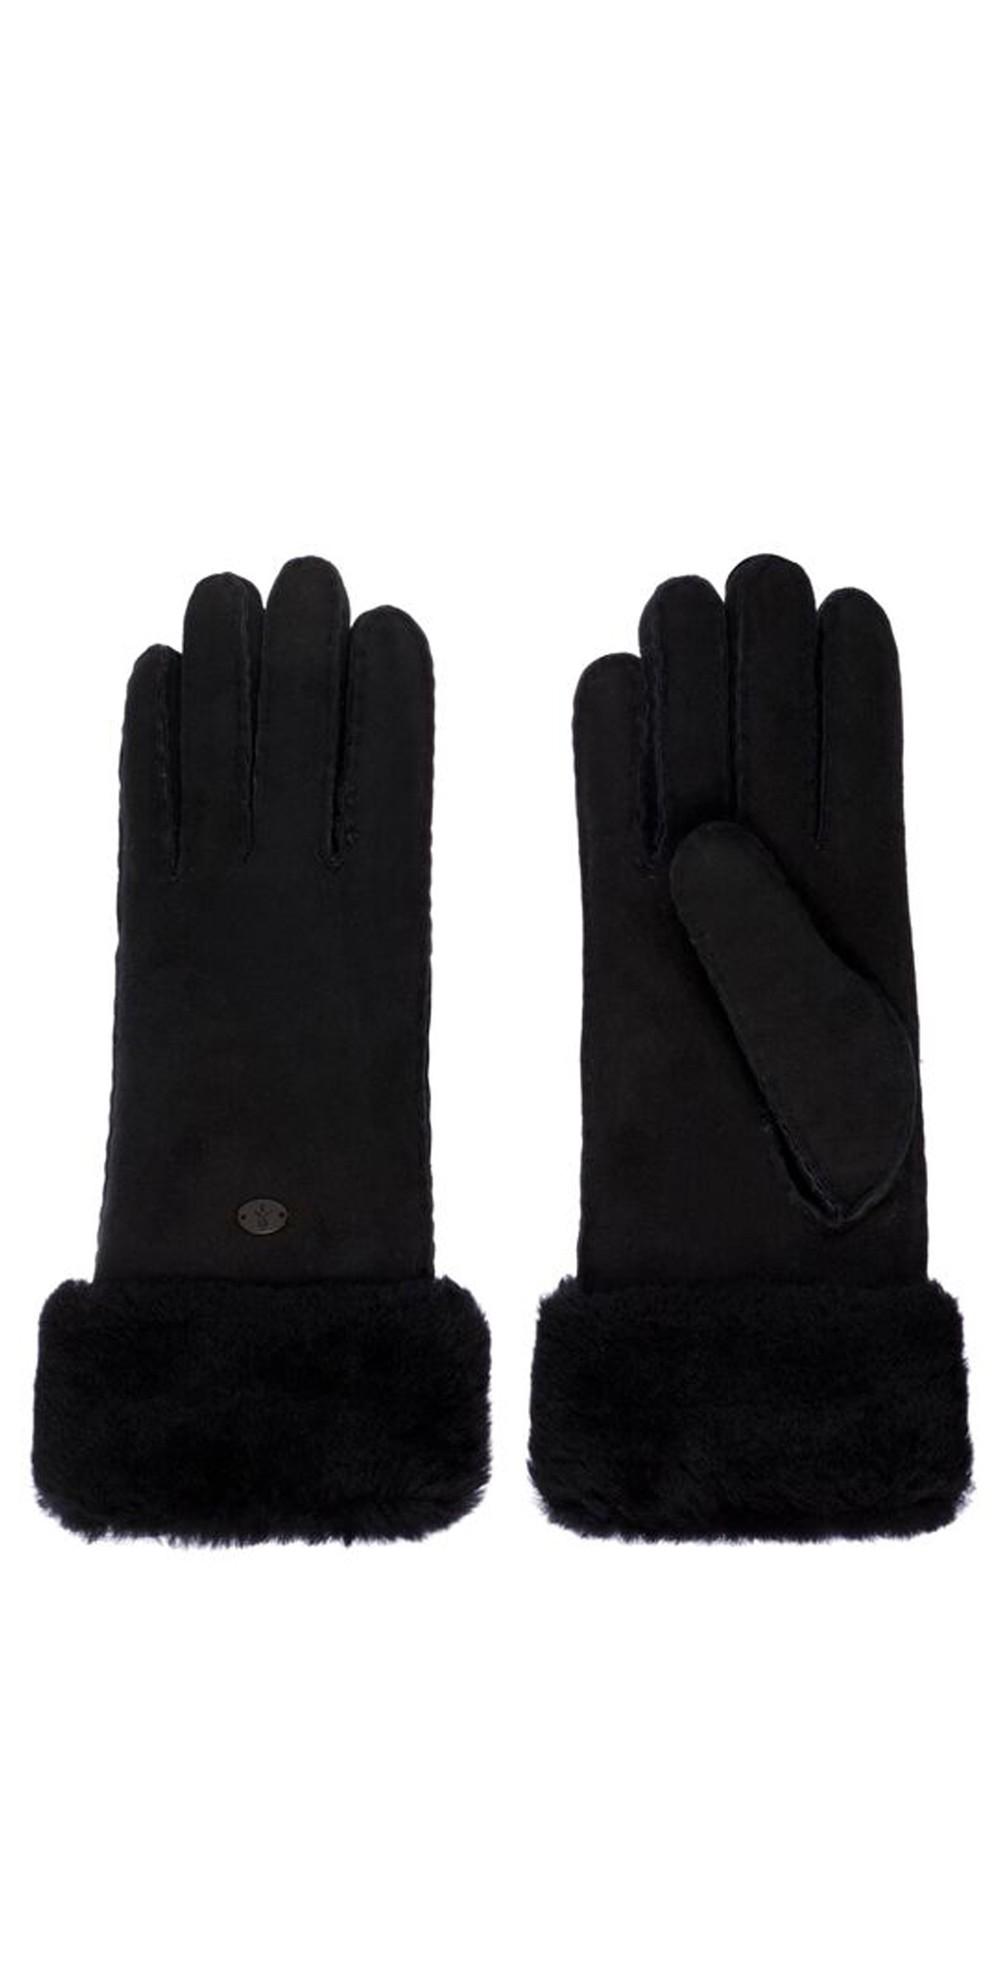 Apollo Bay Sheepskin Gloves main image